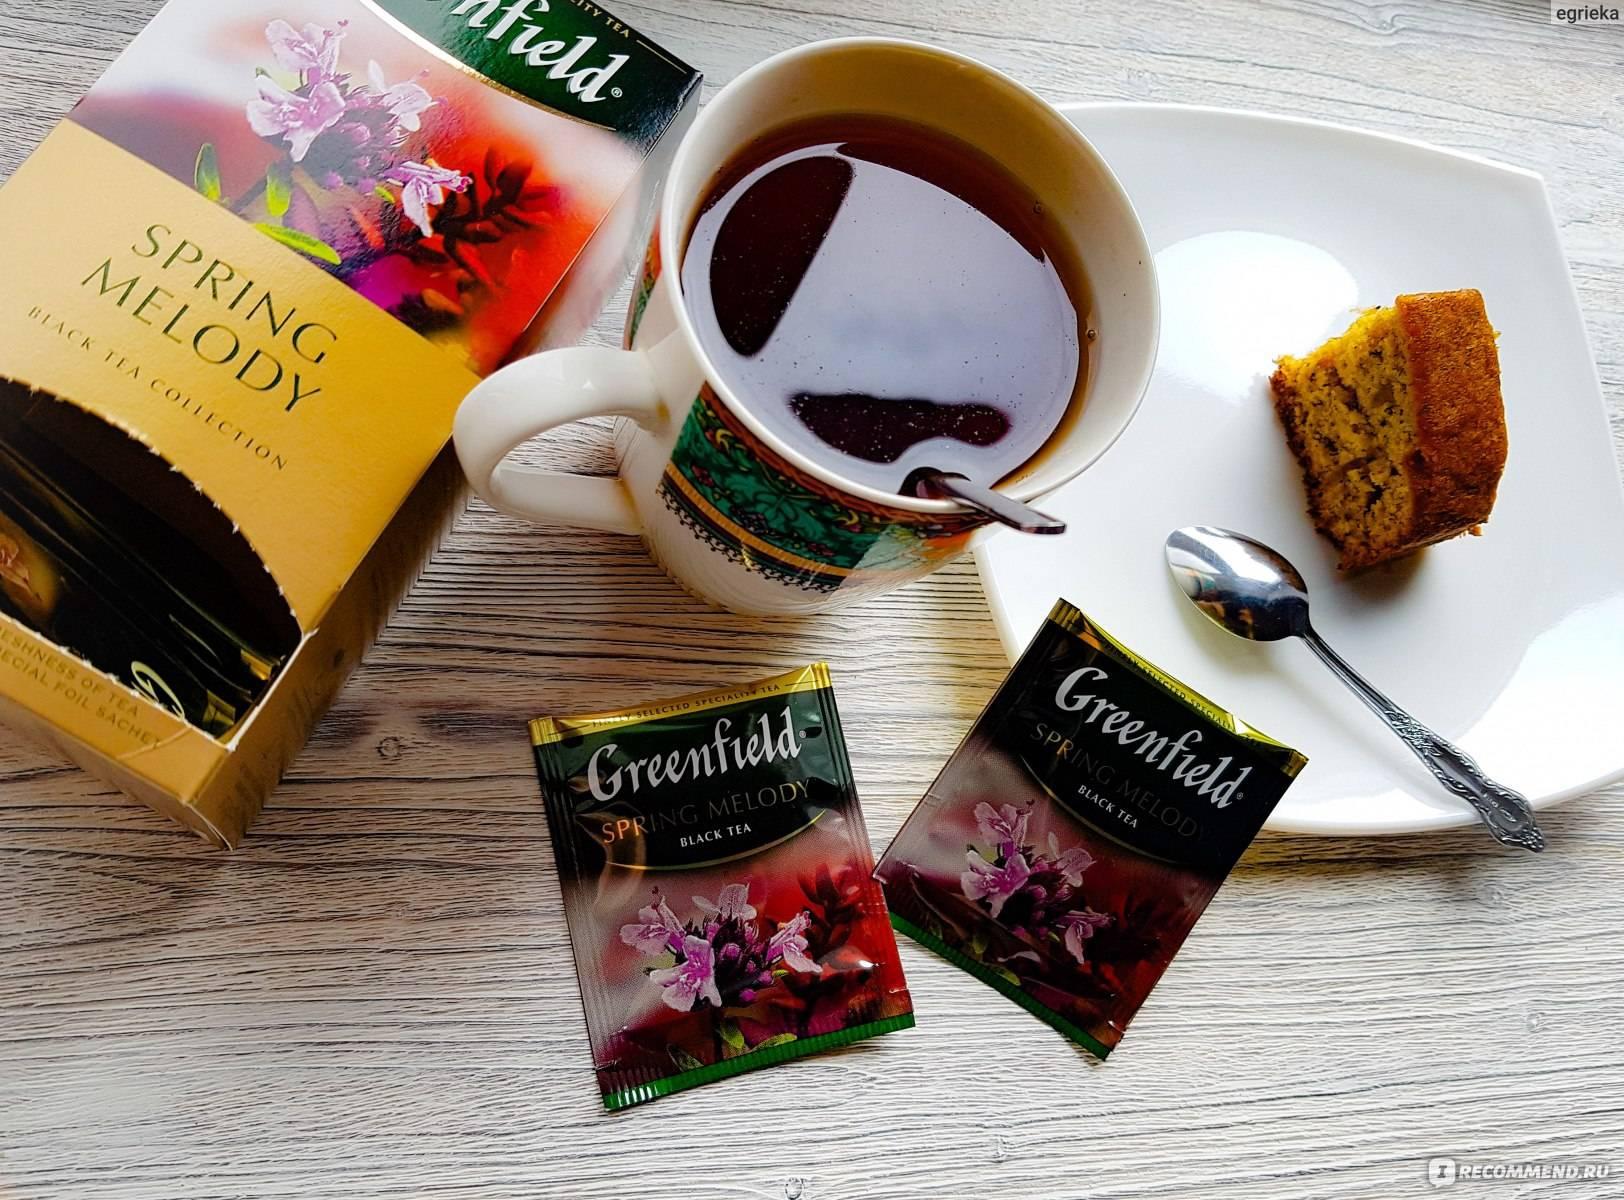 Чай в пакетиках: рейтинг лучших